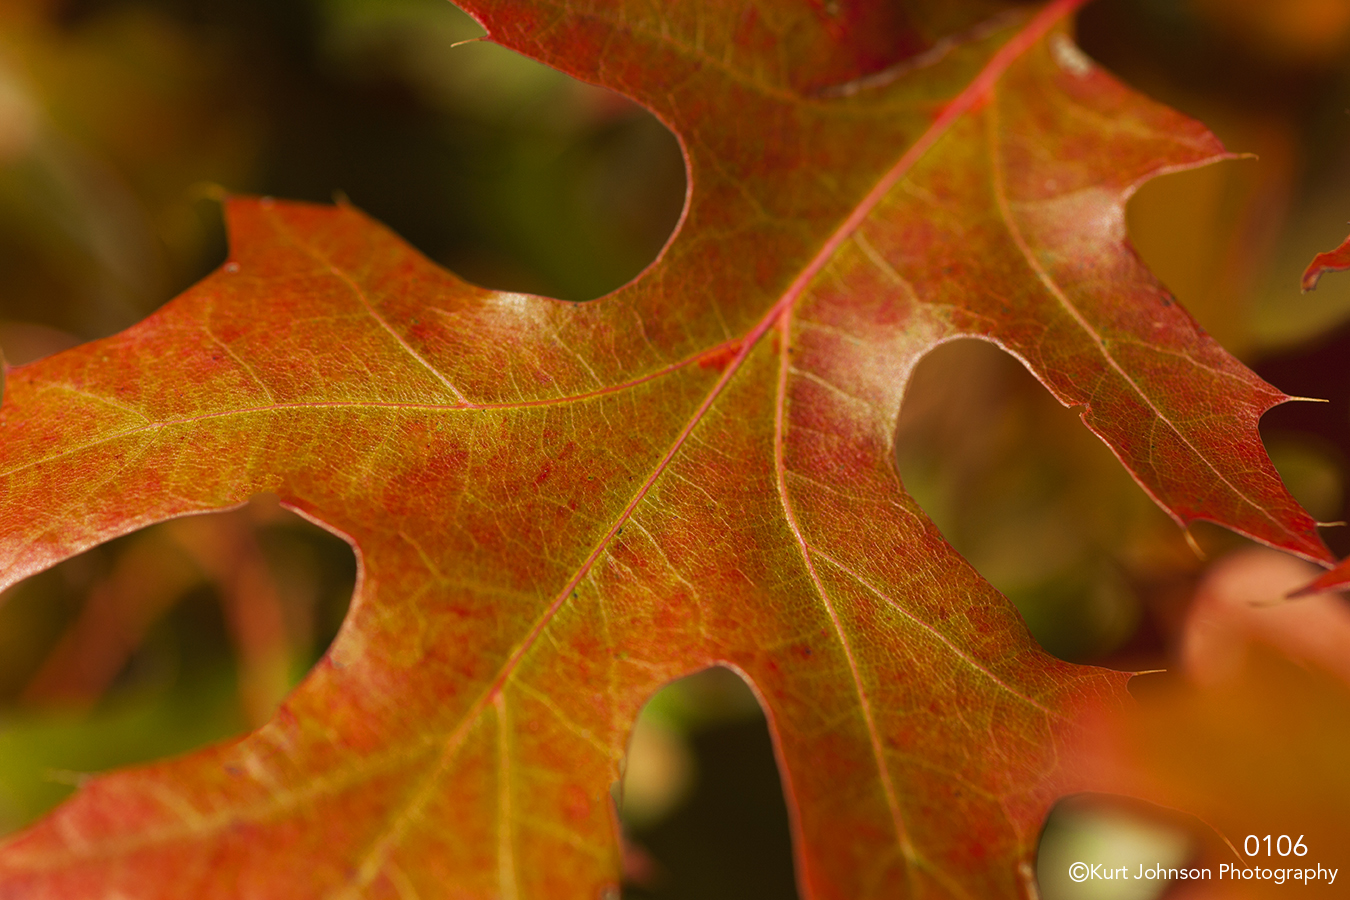 leaf closeup texture red orange